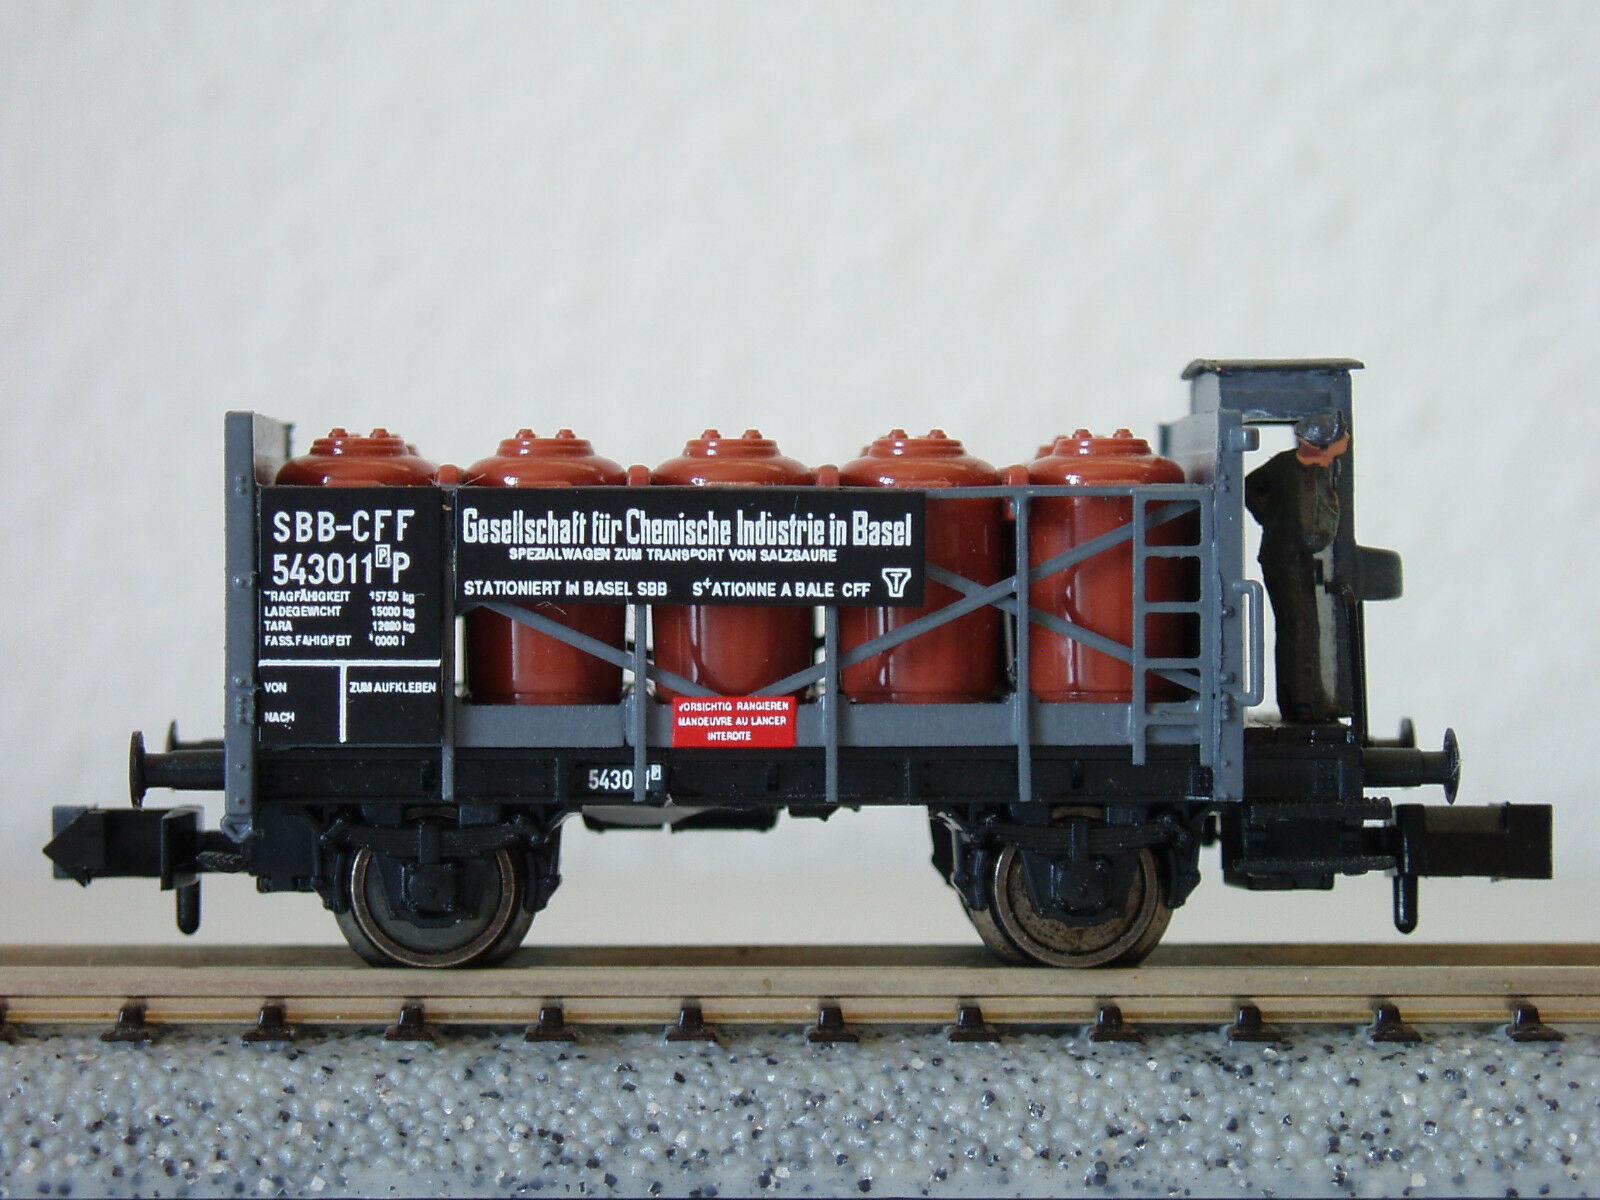 SBB Säuretopfwg  Chem. Industrie Basel  543011   2928  JURETIC Handarbeitsmodell